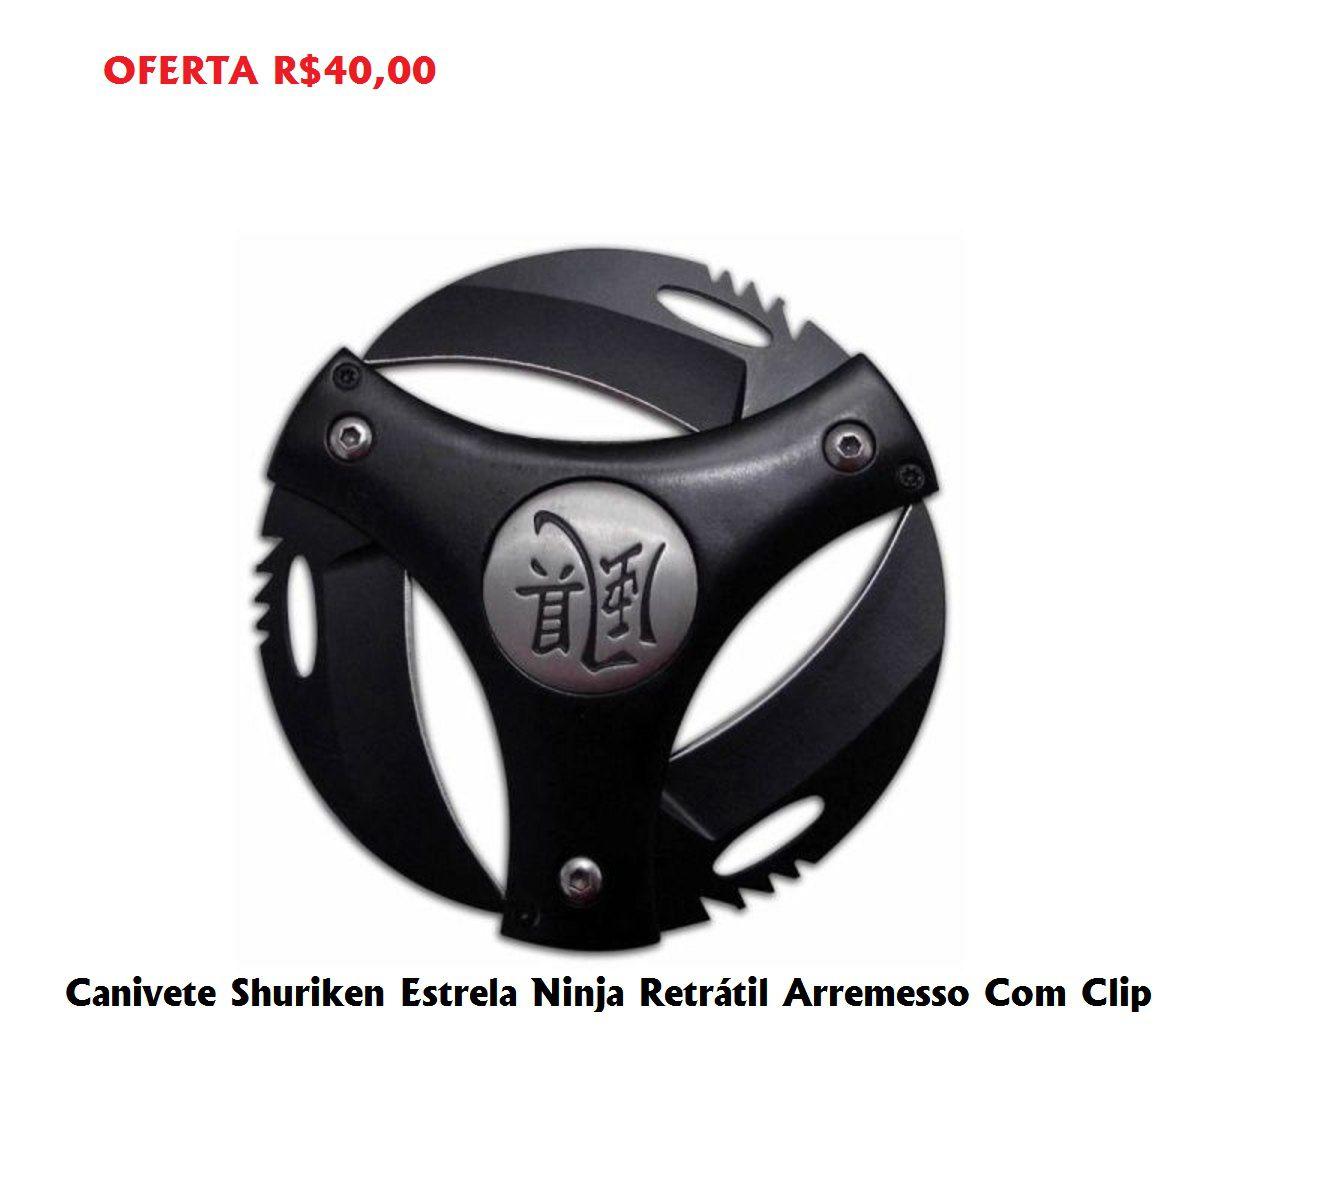 Canivete Shuriken Estrela Ninja Retrátil Arremesso Com Clip